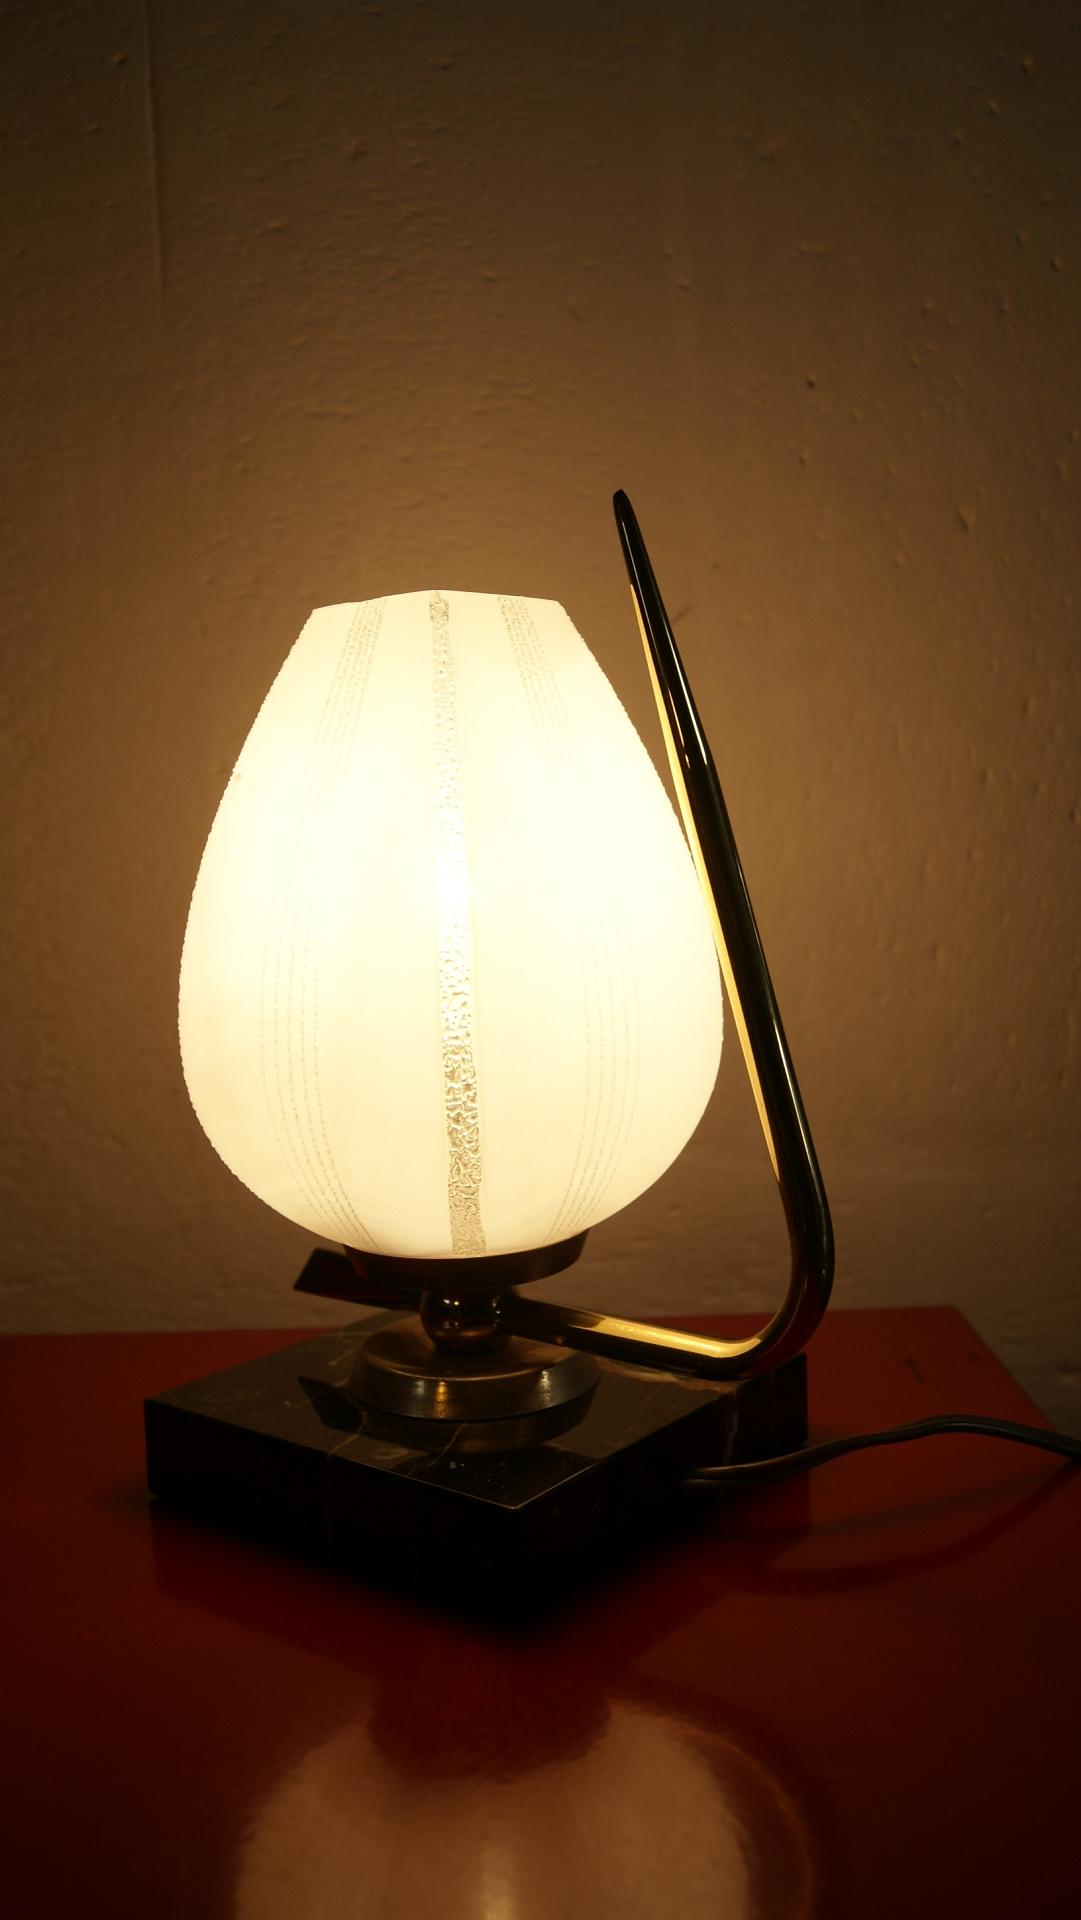 Lampe de chevet art d co vintage by fabichka - Interrupteur de lampe de chevet ...